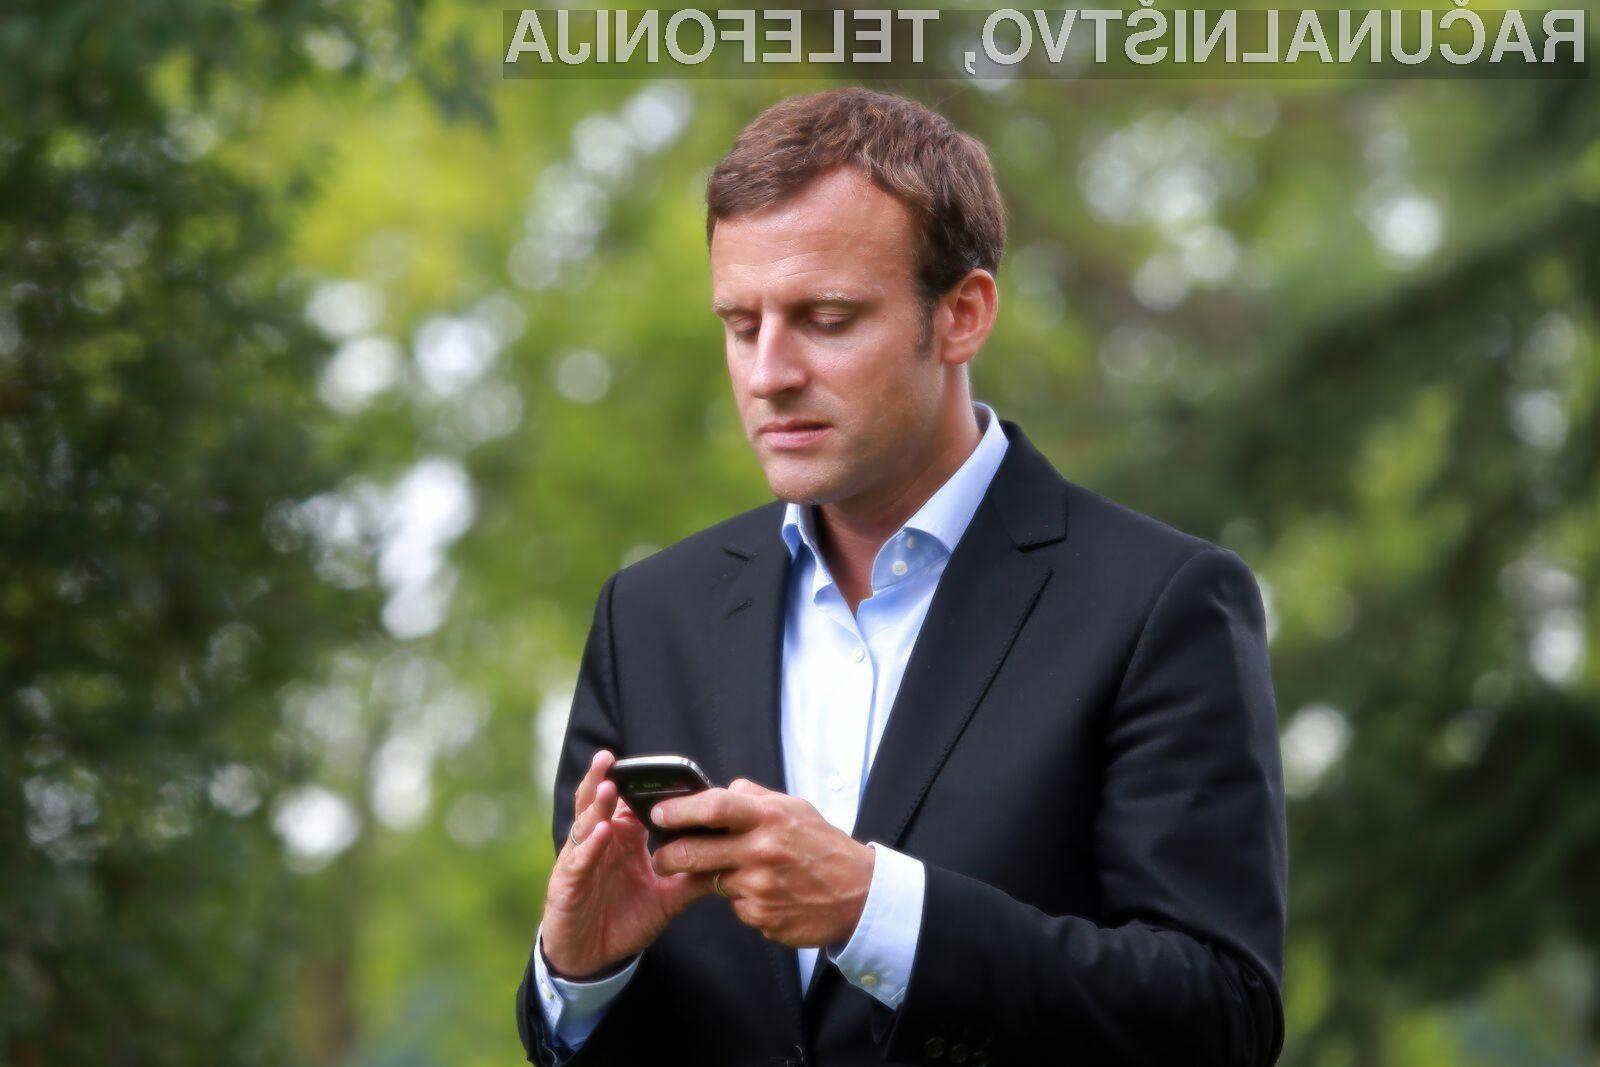 V Franciji bodo morale biti sovražne vsebine odstranjene v roku 24 ur.